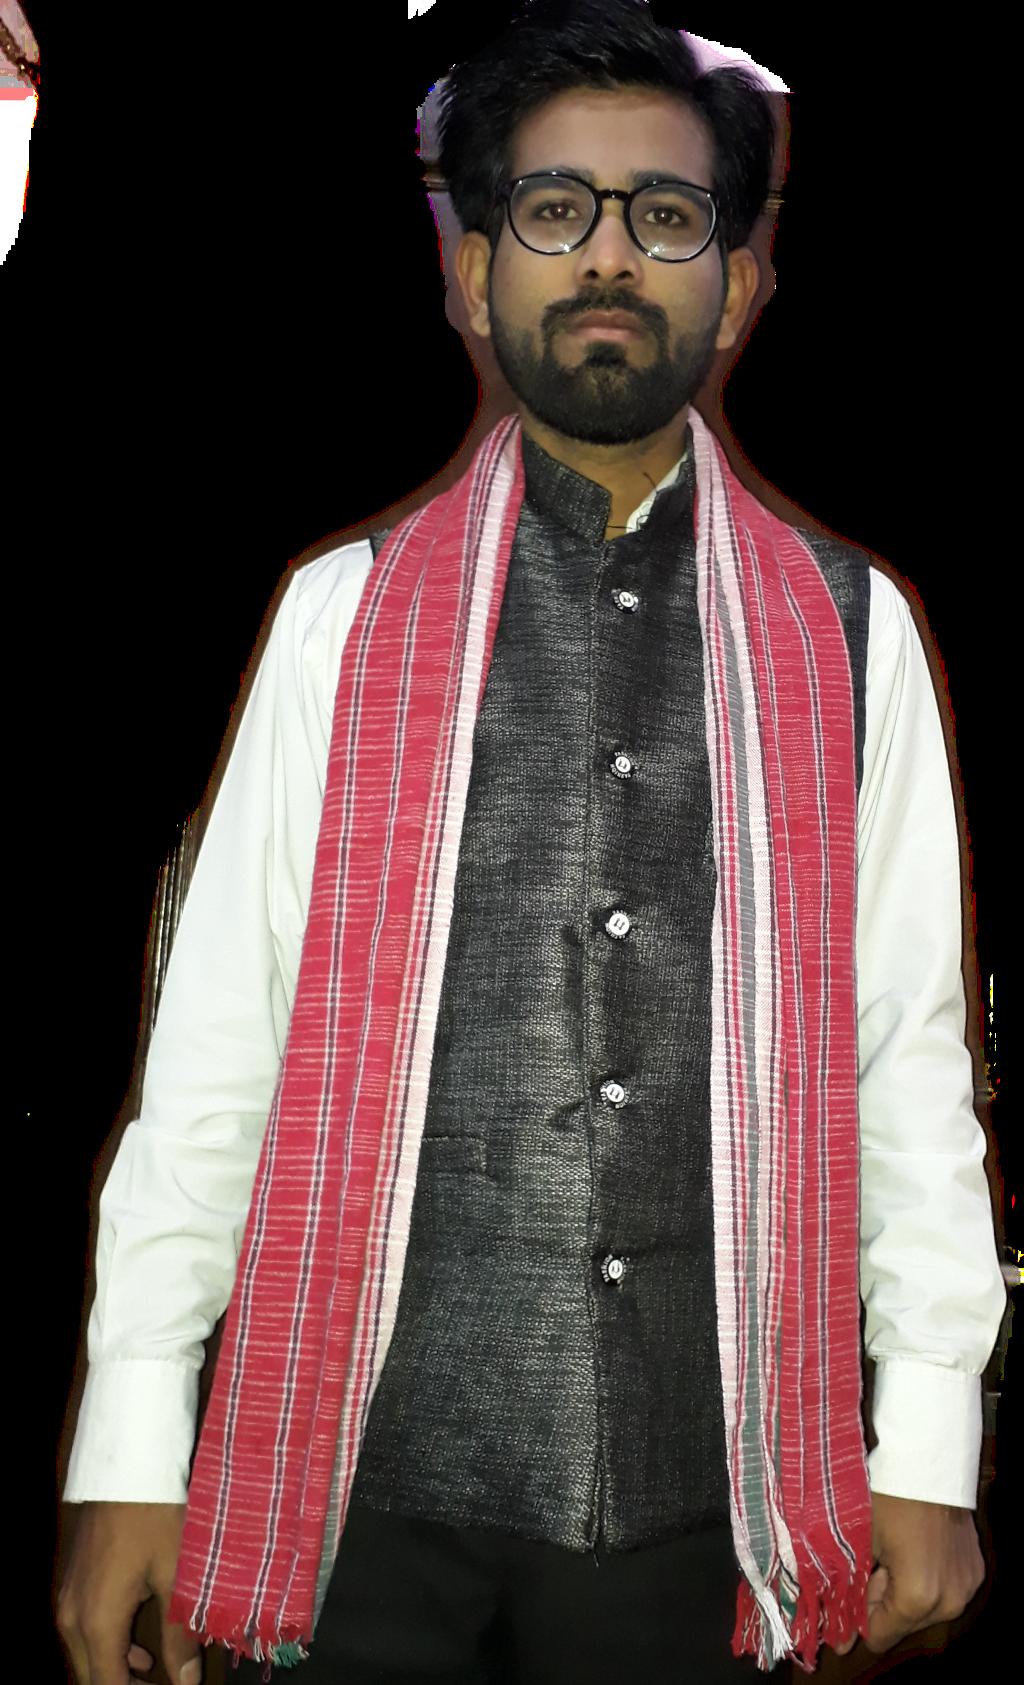 #pravesh kumar